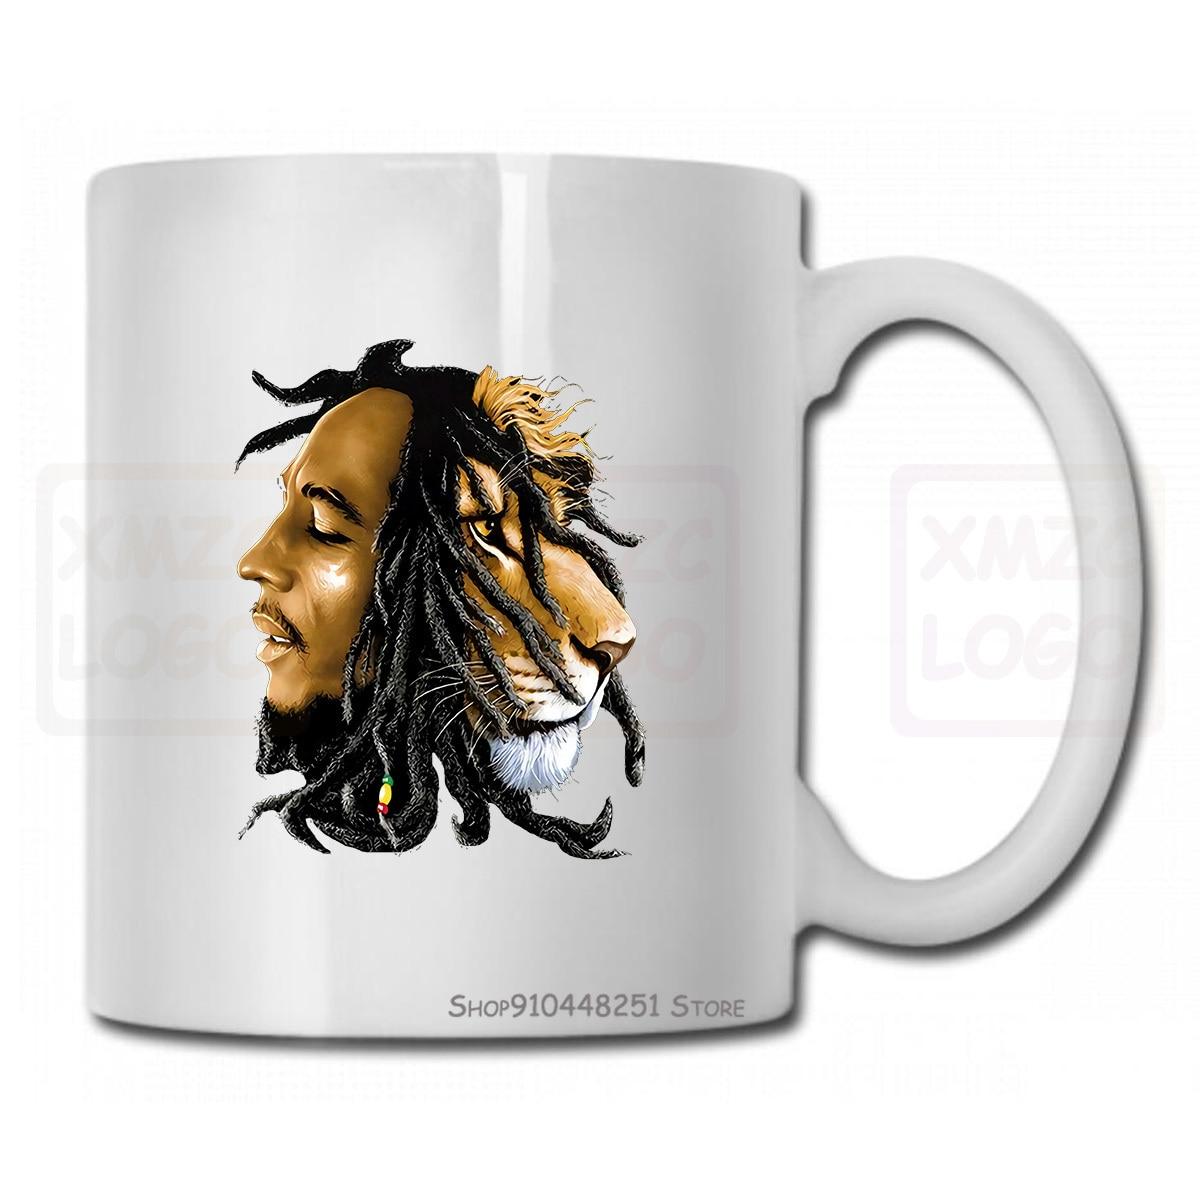 Bob Marley регги, музыкальная кружка, чашка льва, футболка для мужчин и женщин, мужчин и женщин